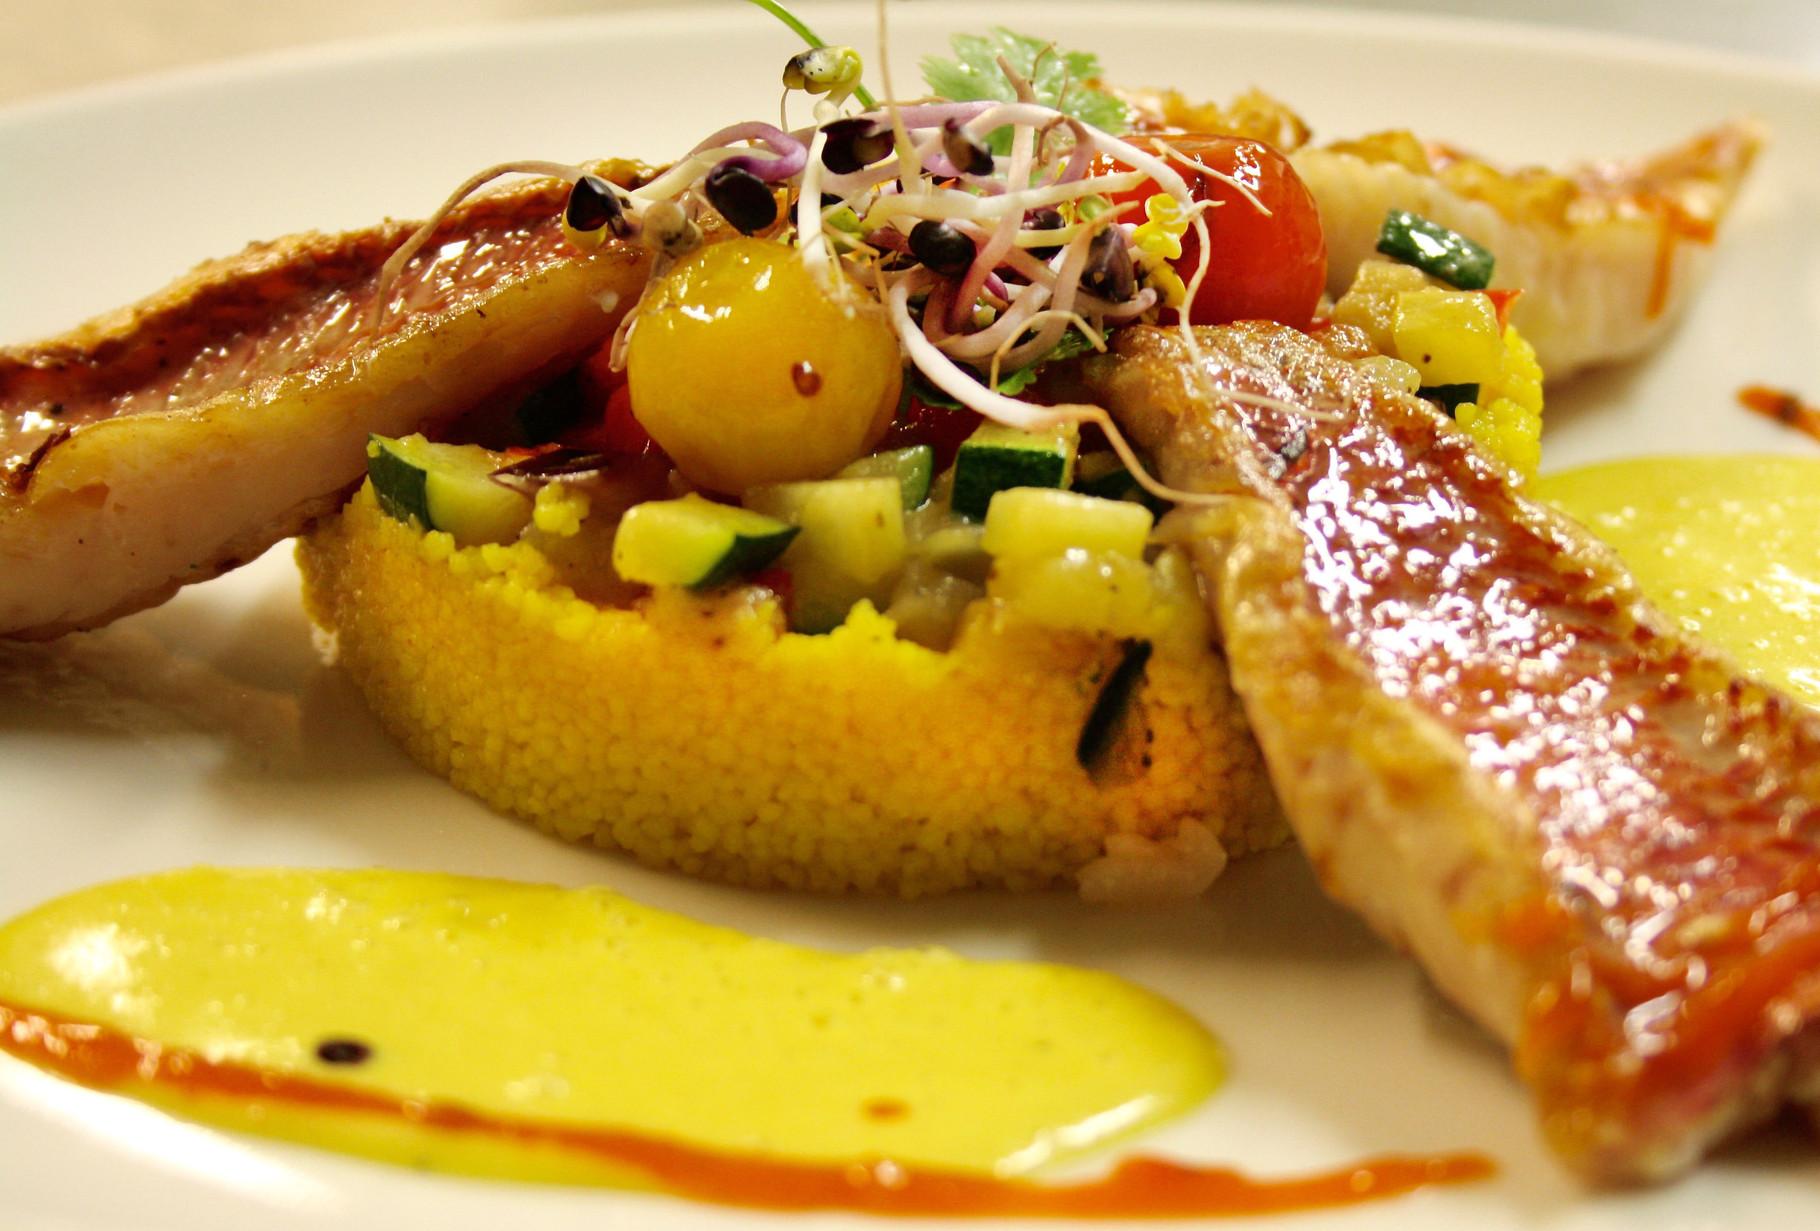 Gegrilltes Filet von der Meerbarbe mit Safransauce, Ratatouille & Couscous